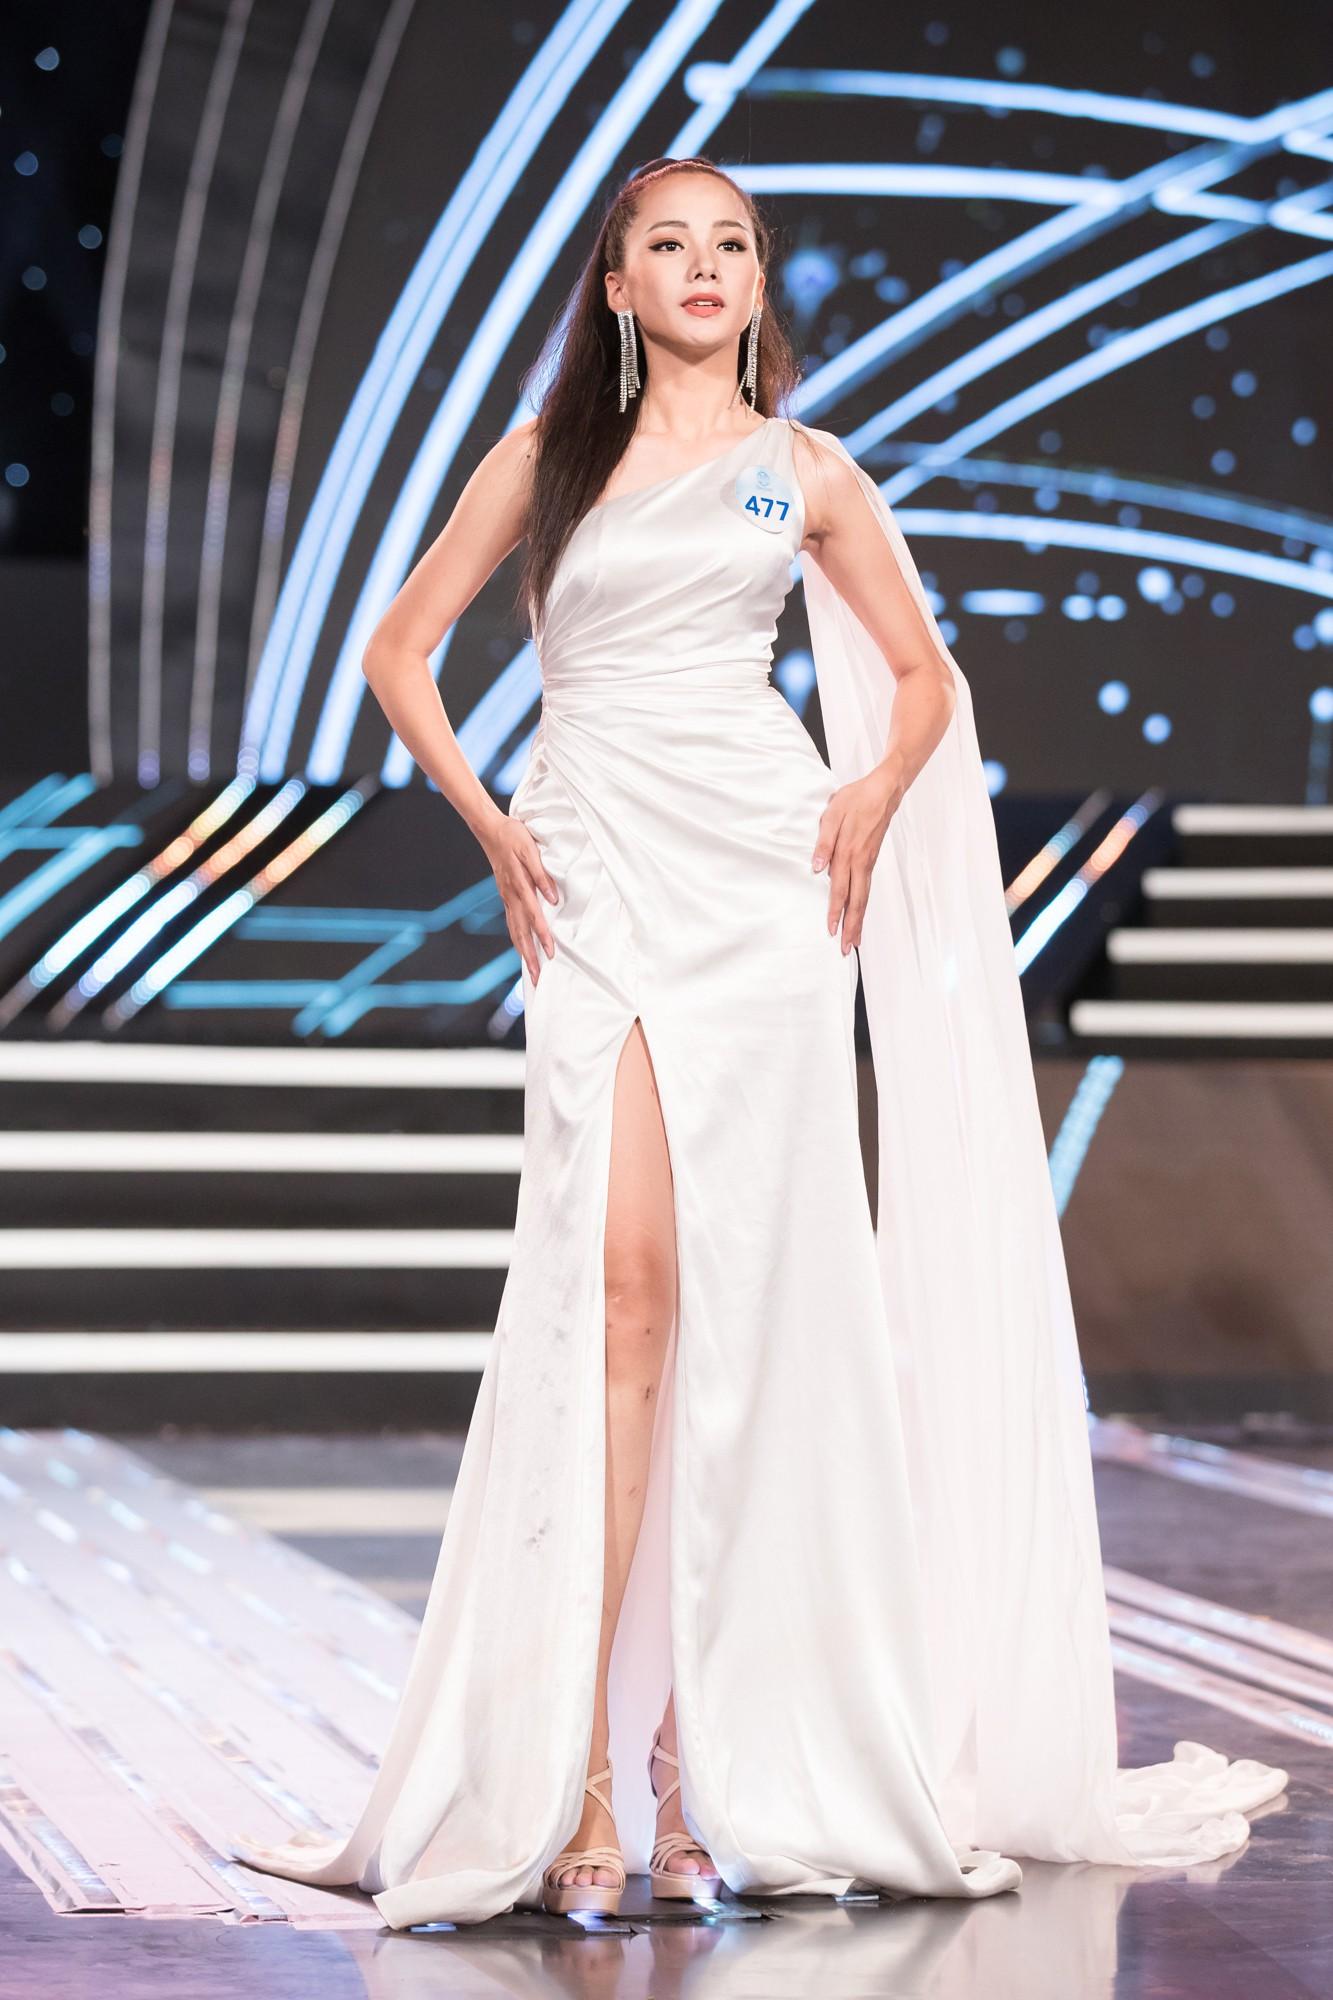 Chính thức lộ diện 20 chiến binh tiếp theo bước vào vòng chung kết Miss World Việt Nam 2019 - Ảnh 11.